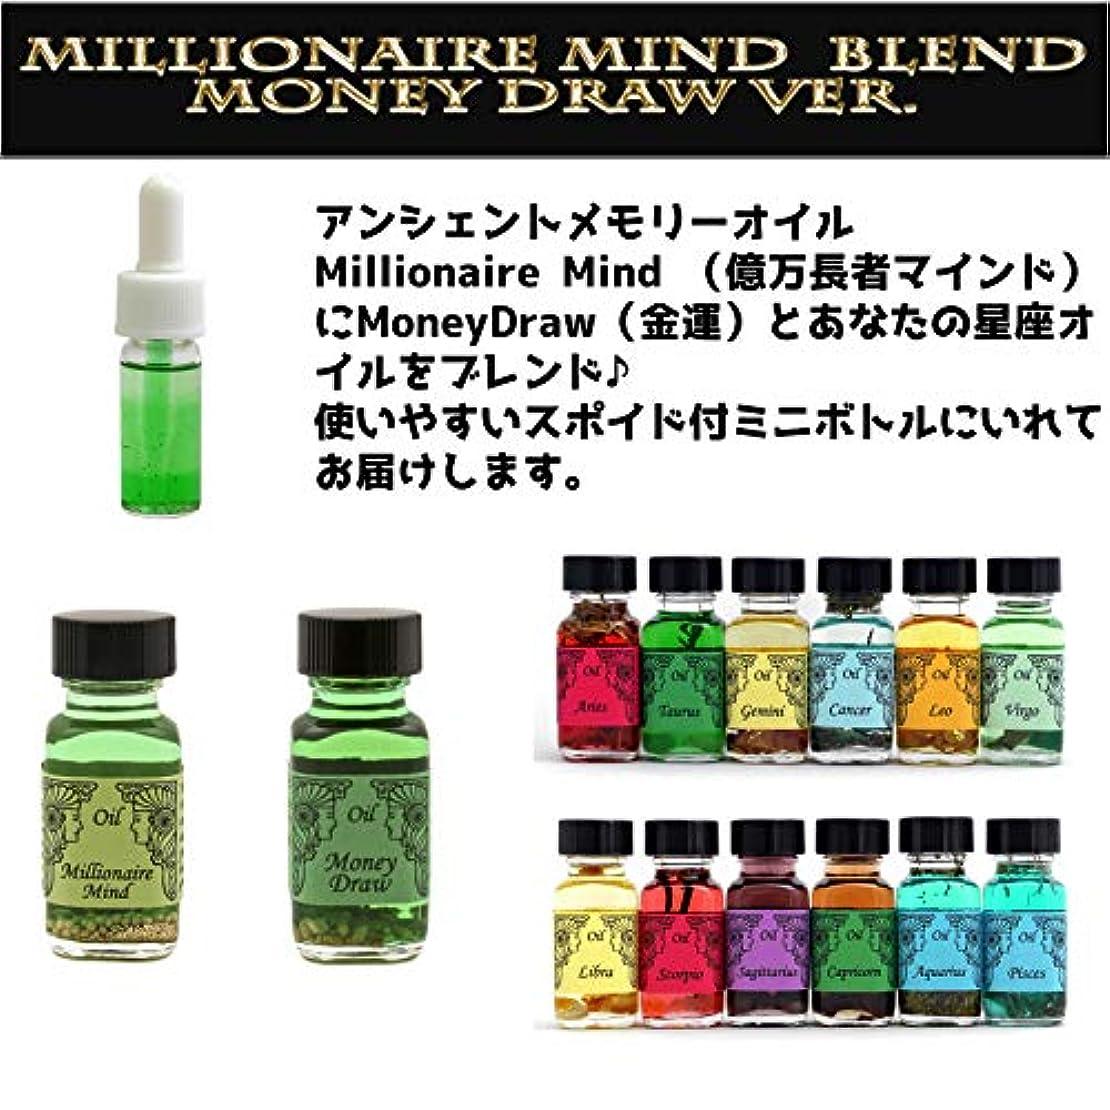 セブンベンチャー管理者アンシェントメモリーオイル Millionaire Mind 億万長者マインド ブレンド(Money Drawマネードロー(金運)&おとめ座